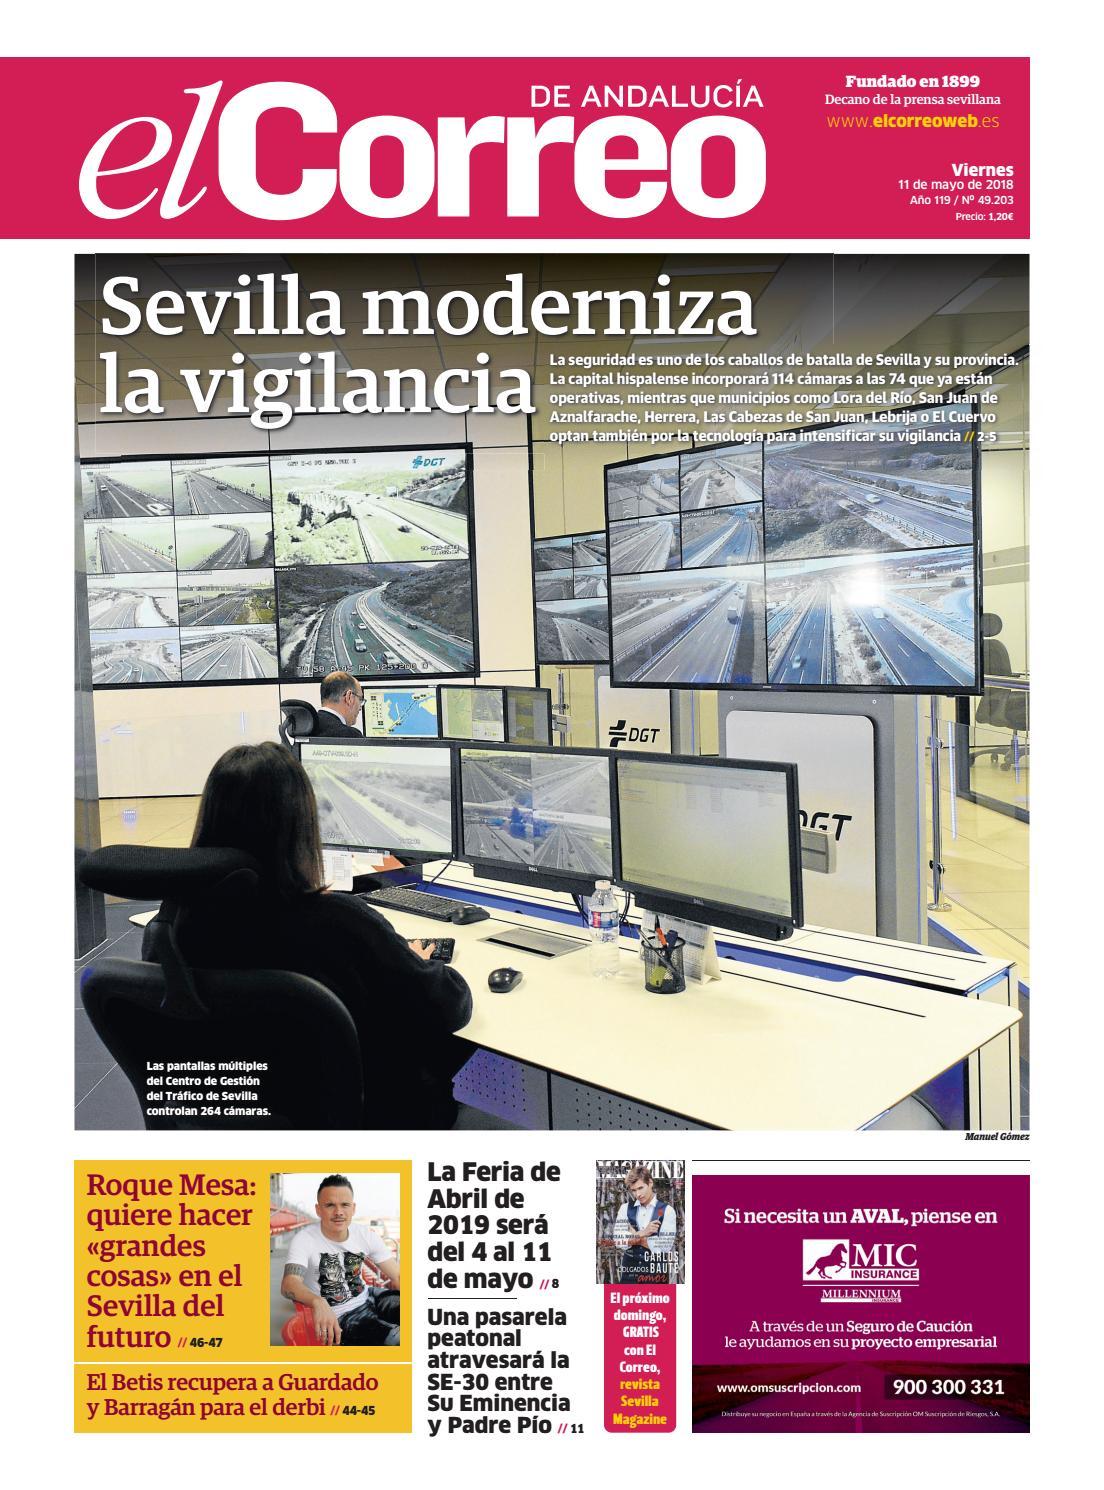 11.05.2018 El Correo de Andalucía by EL CORREO DE ANDALUCÍA S.L. - issuu